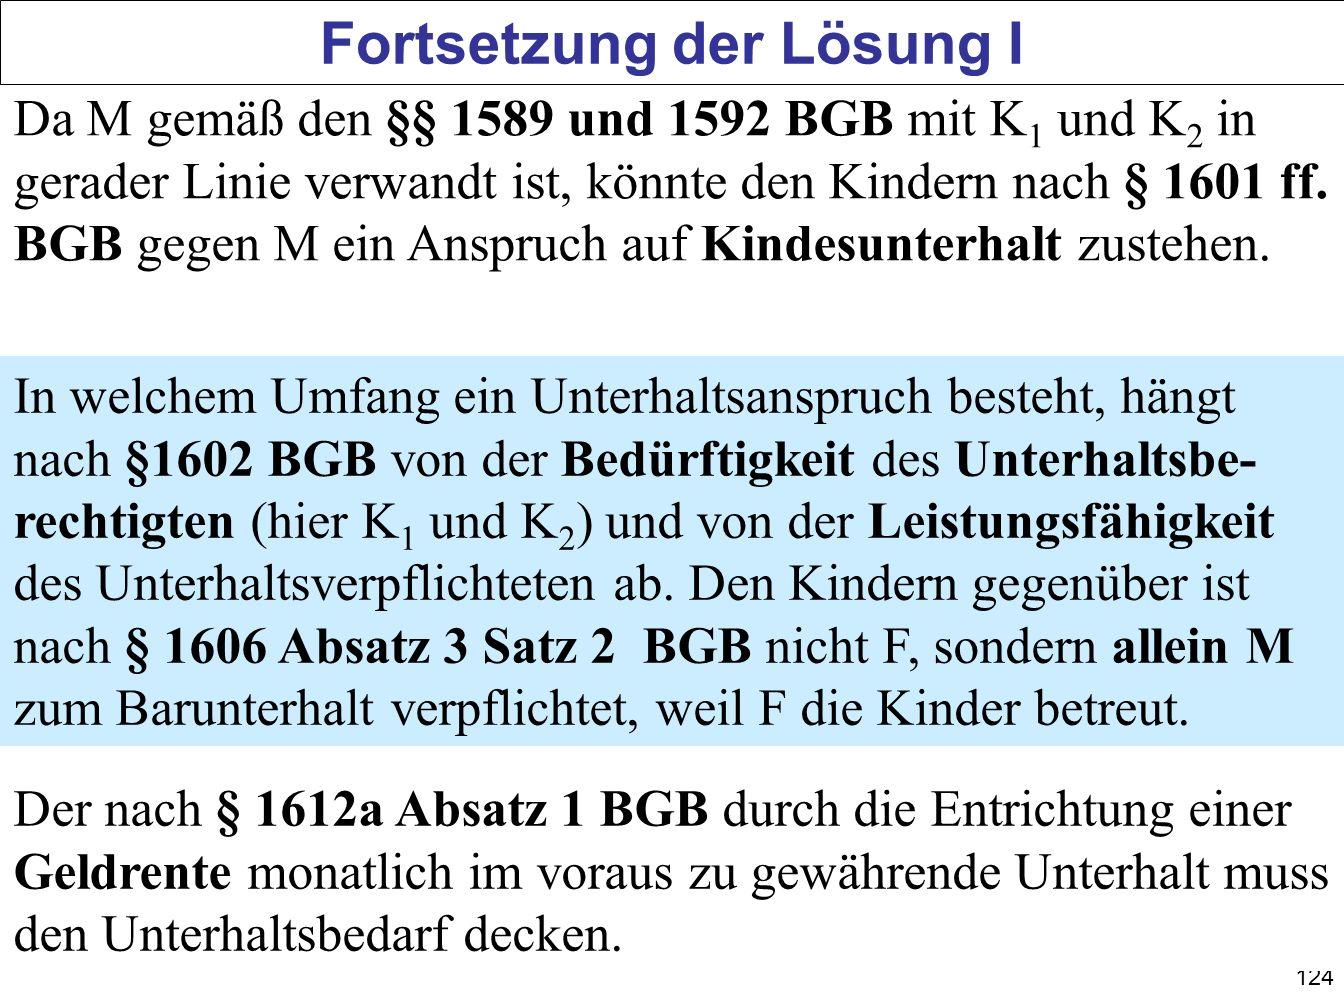 124 Fortsetzung der Lösung I Da M gemäß den §§ 1589 und 1592 BGB mit K 1 und K 2 in gerader Linie verwandt ist, könnte den Kindern nach § 1601 ff. BGB